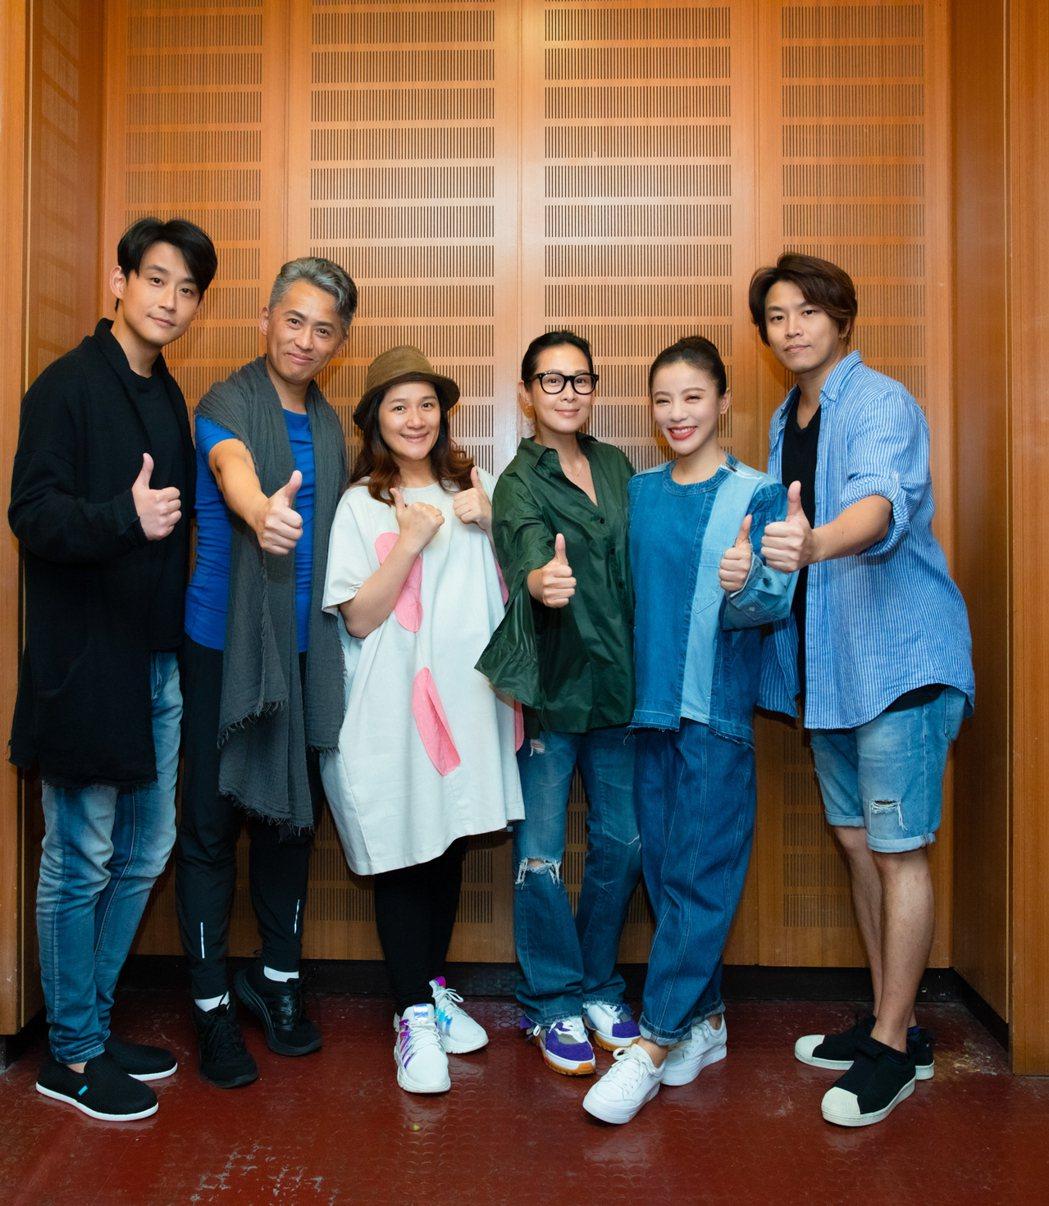 劉若英(右三)現身支持音樂劇「搭錯車」。圖/相信提供